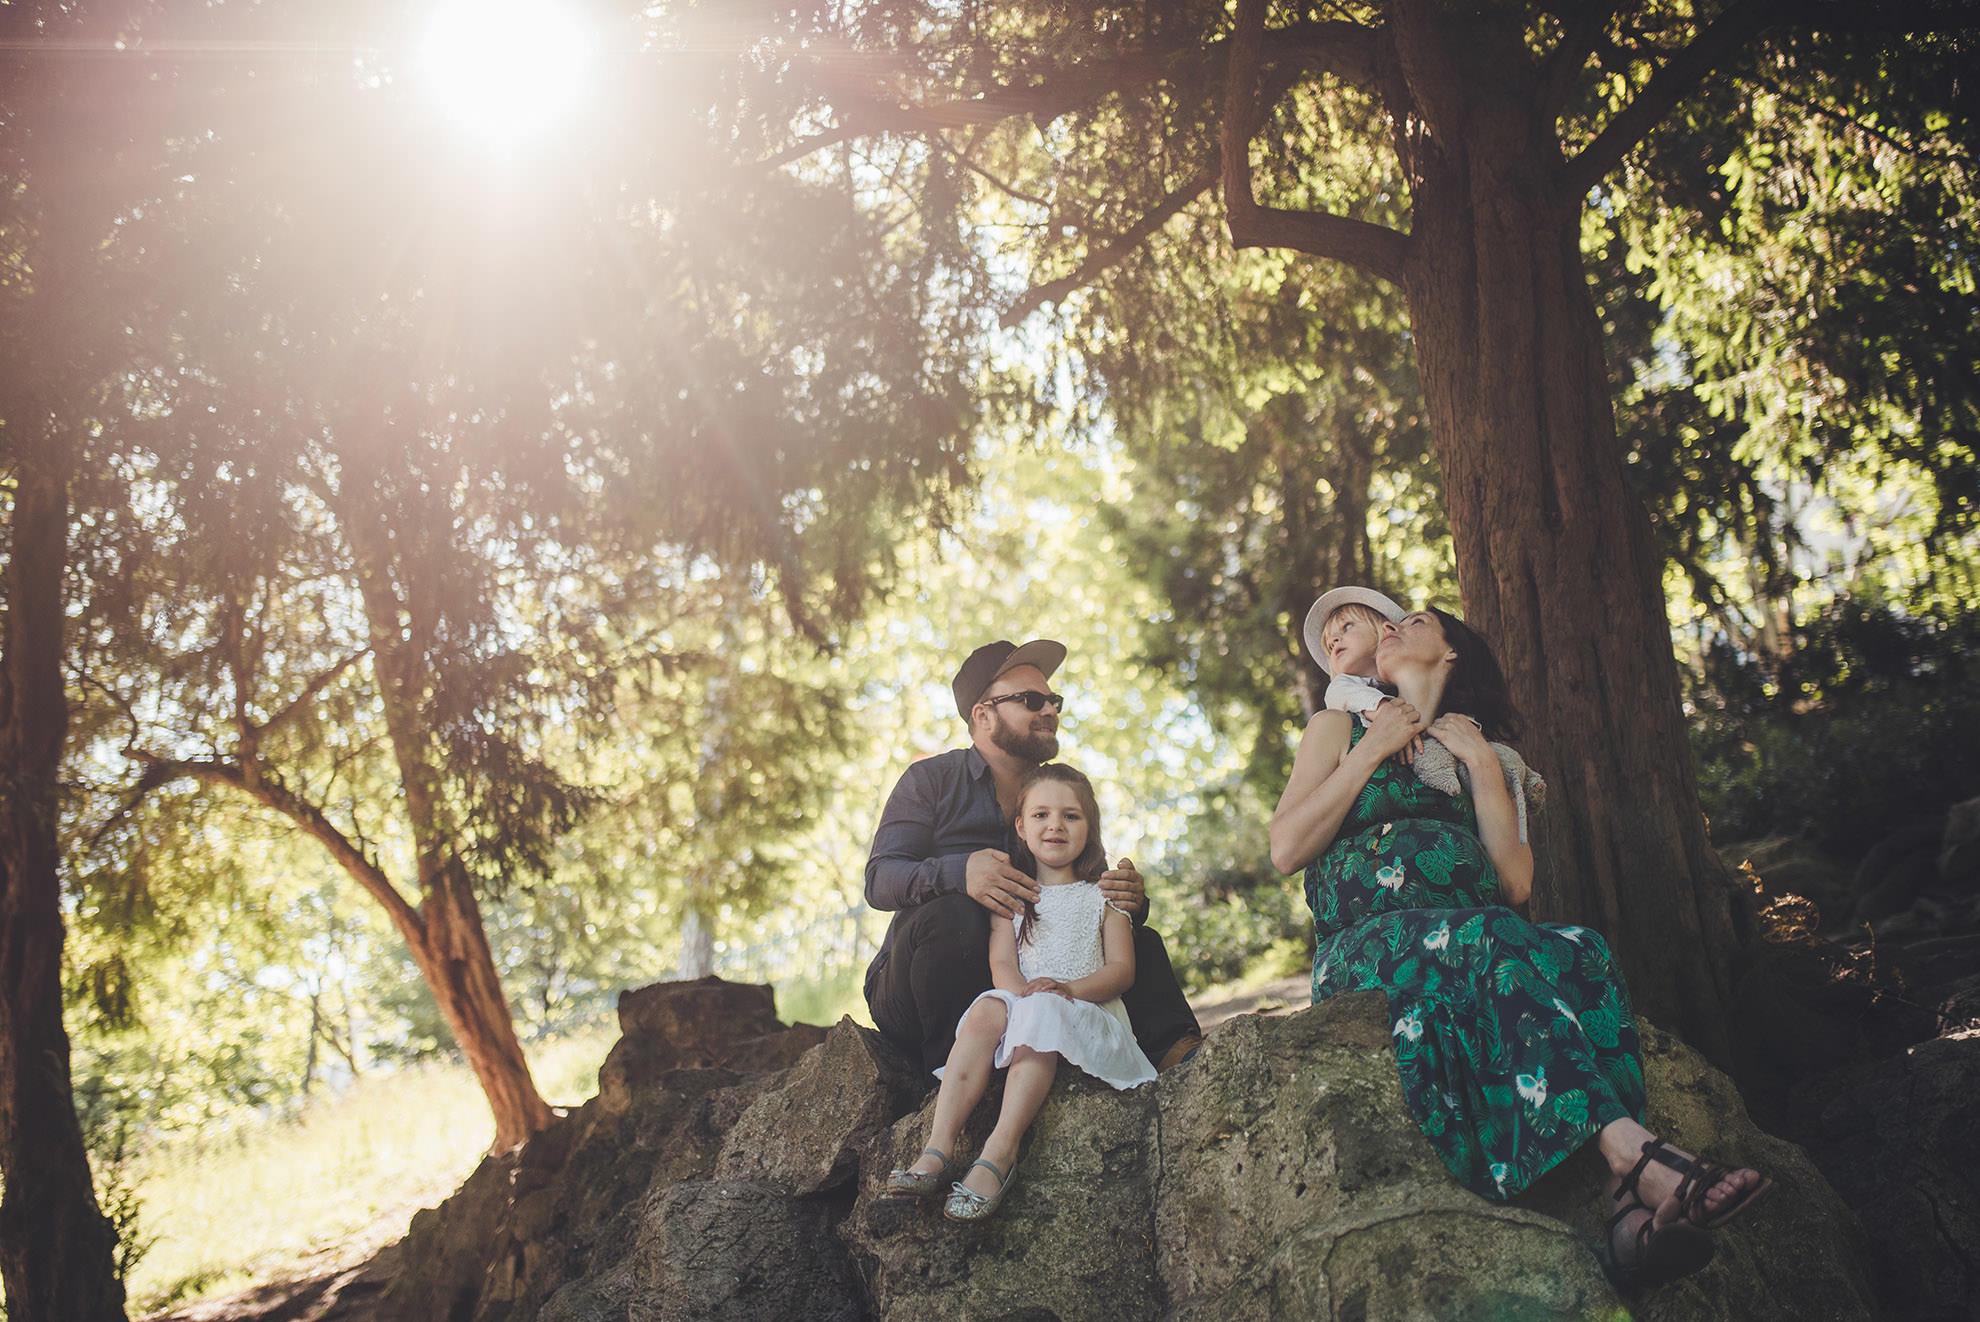 séance photos de famille en extérieur